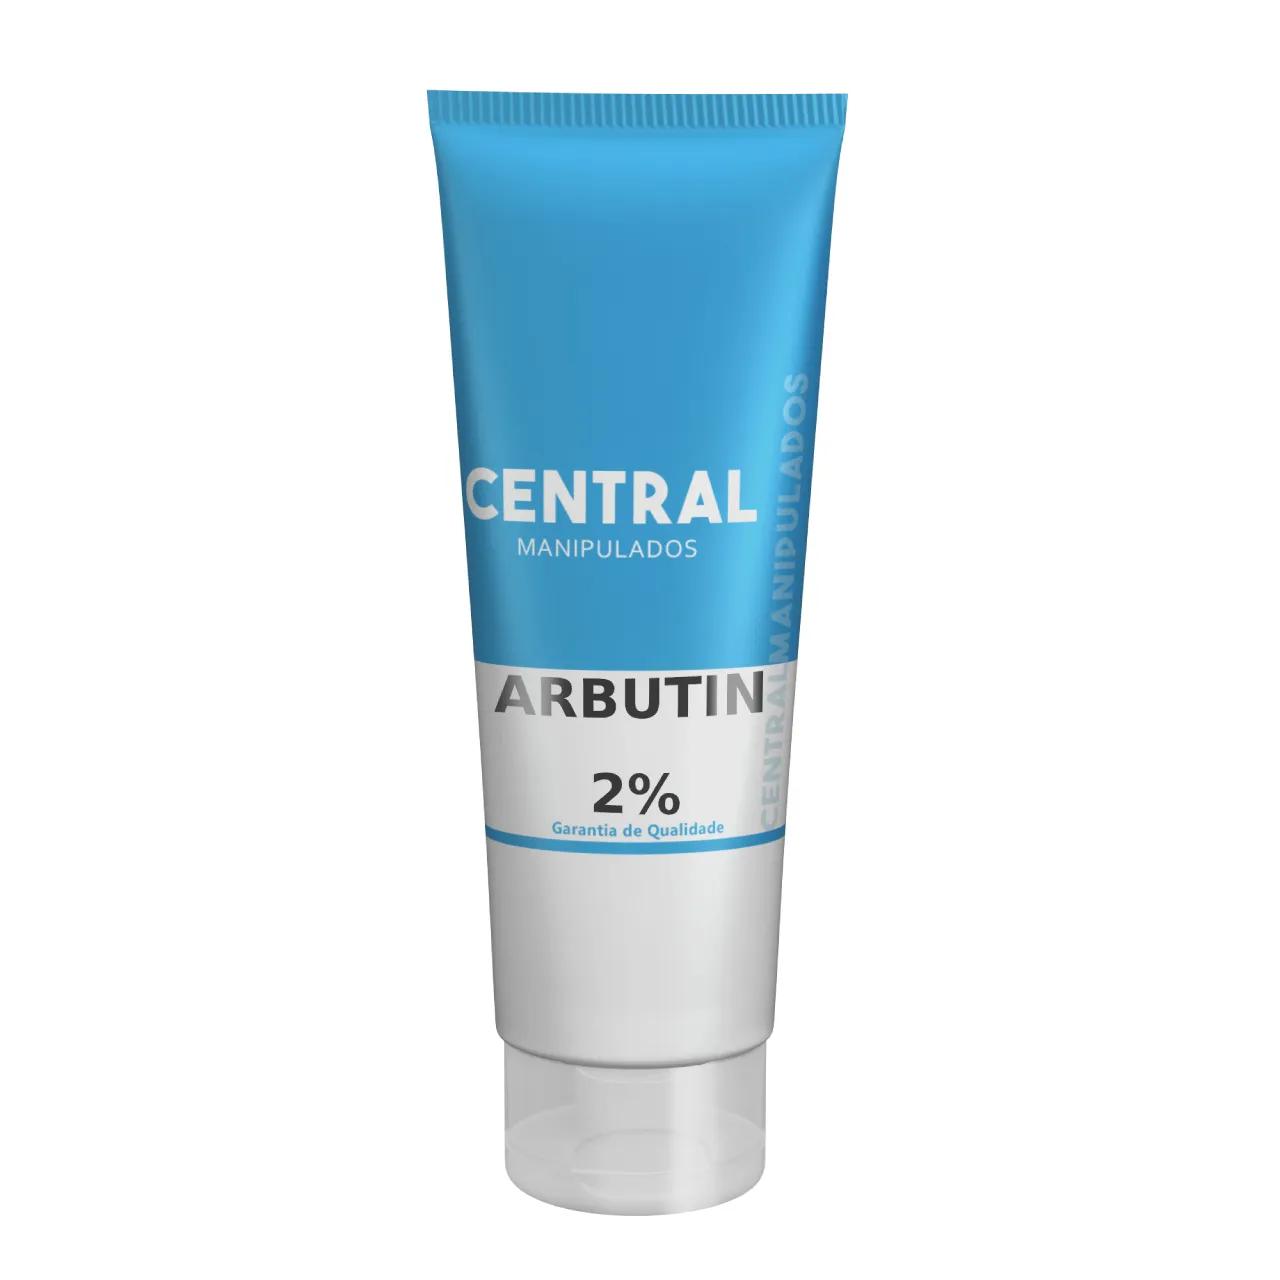 Alfa Arbutin 2% - Creme 30g - Clareador da Pele, Reduz Manchas e Sardas